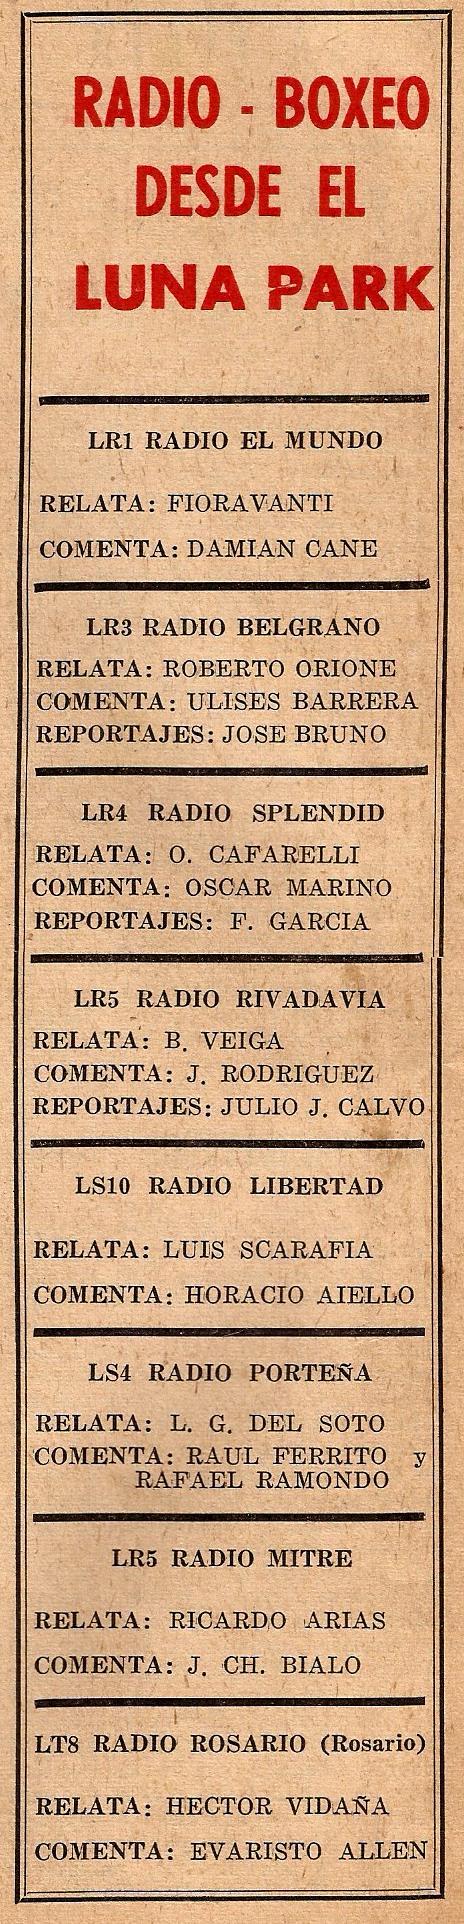 Radio Lunapark 1964